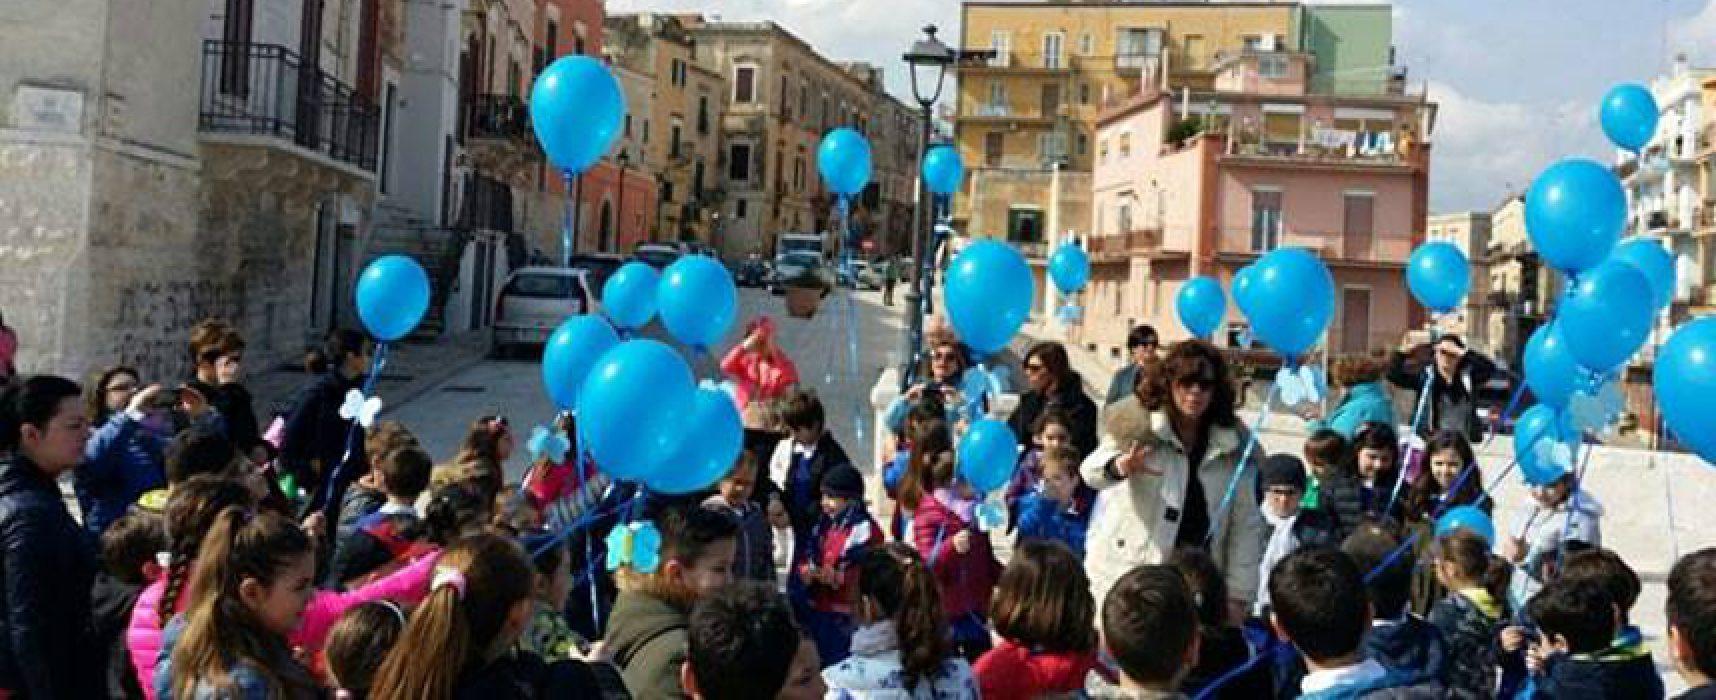 Settimana mondiale autismo, quest'oggi iniziativa del IV circolo per conoscere e includere